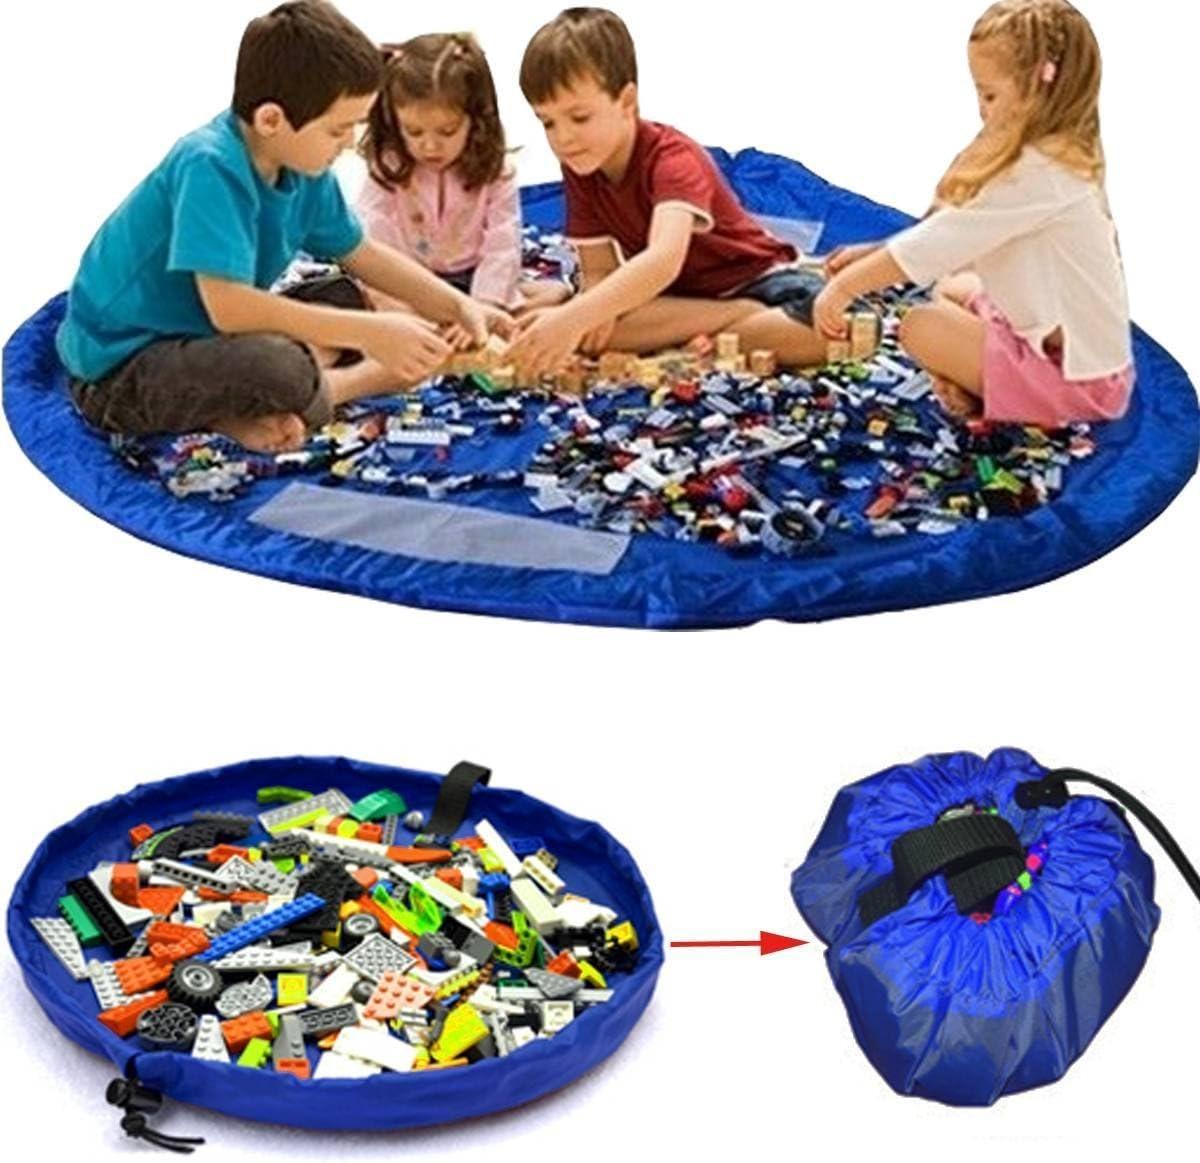 Sweetsmile Toy Storage Bag Large Tidy Bag Kids Rug Portable Kids Toys Organizer Storage Drawstring Bag Play Mat 150cm Hero